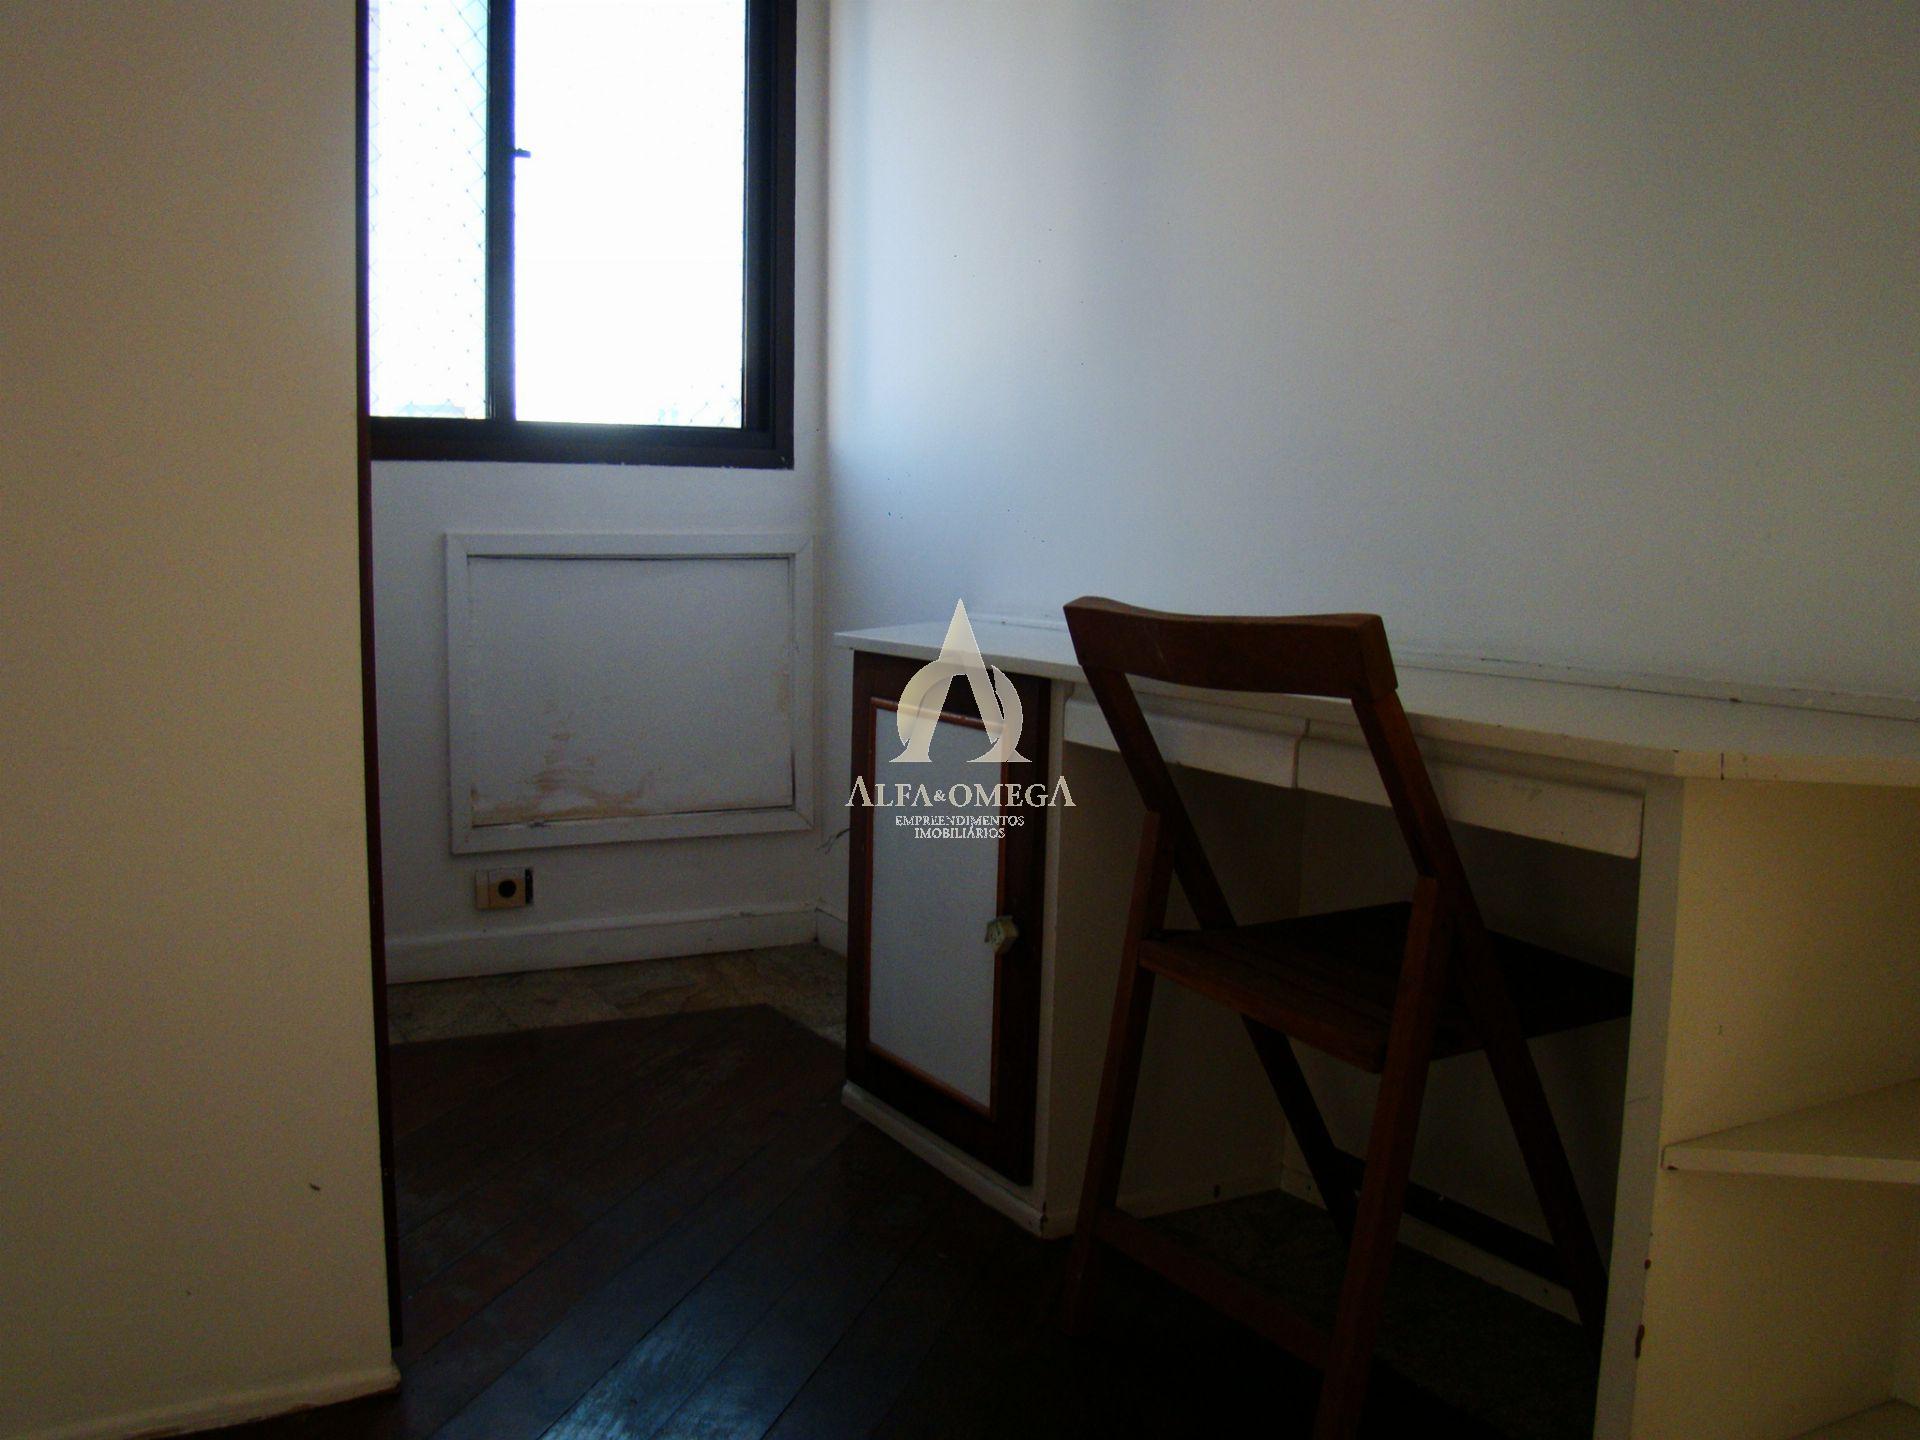 FOTO 17 - Apartamento 2 quartos à venda Barra da Tijuca, Rio de Janeiro - R$ 650.000 - AO20411 - 19